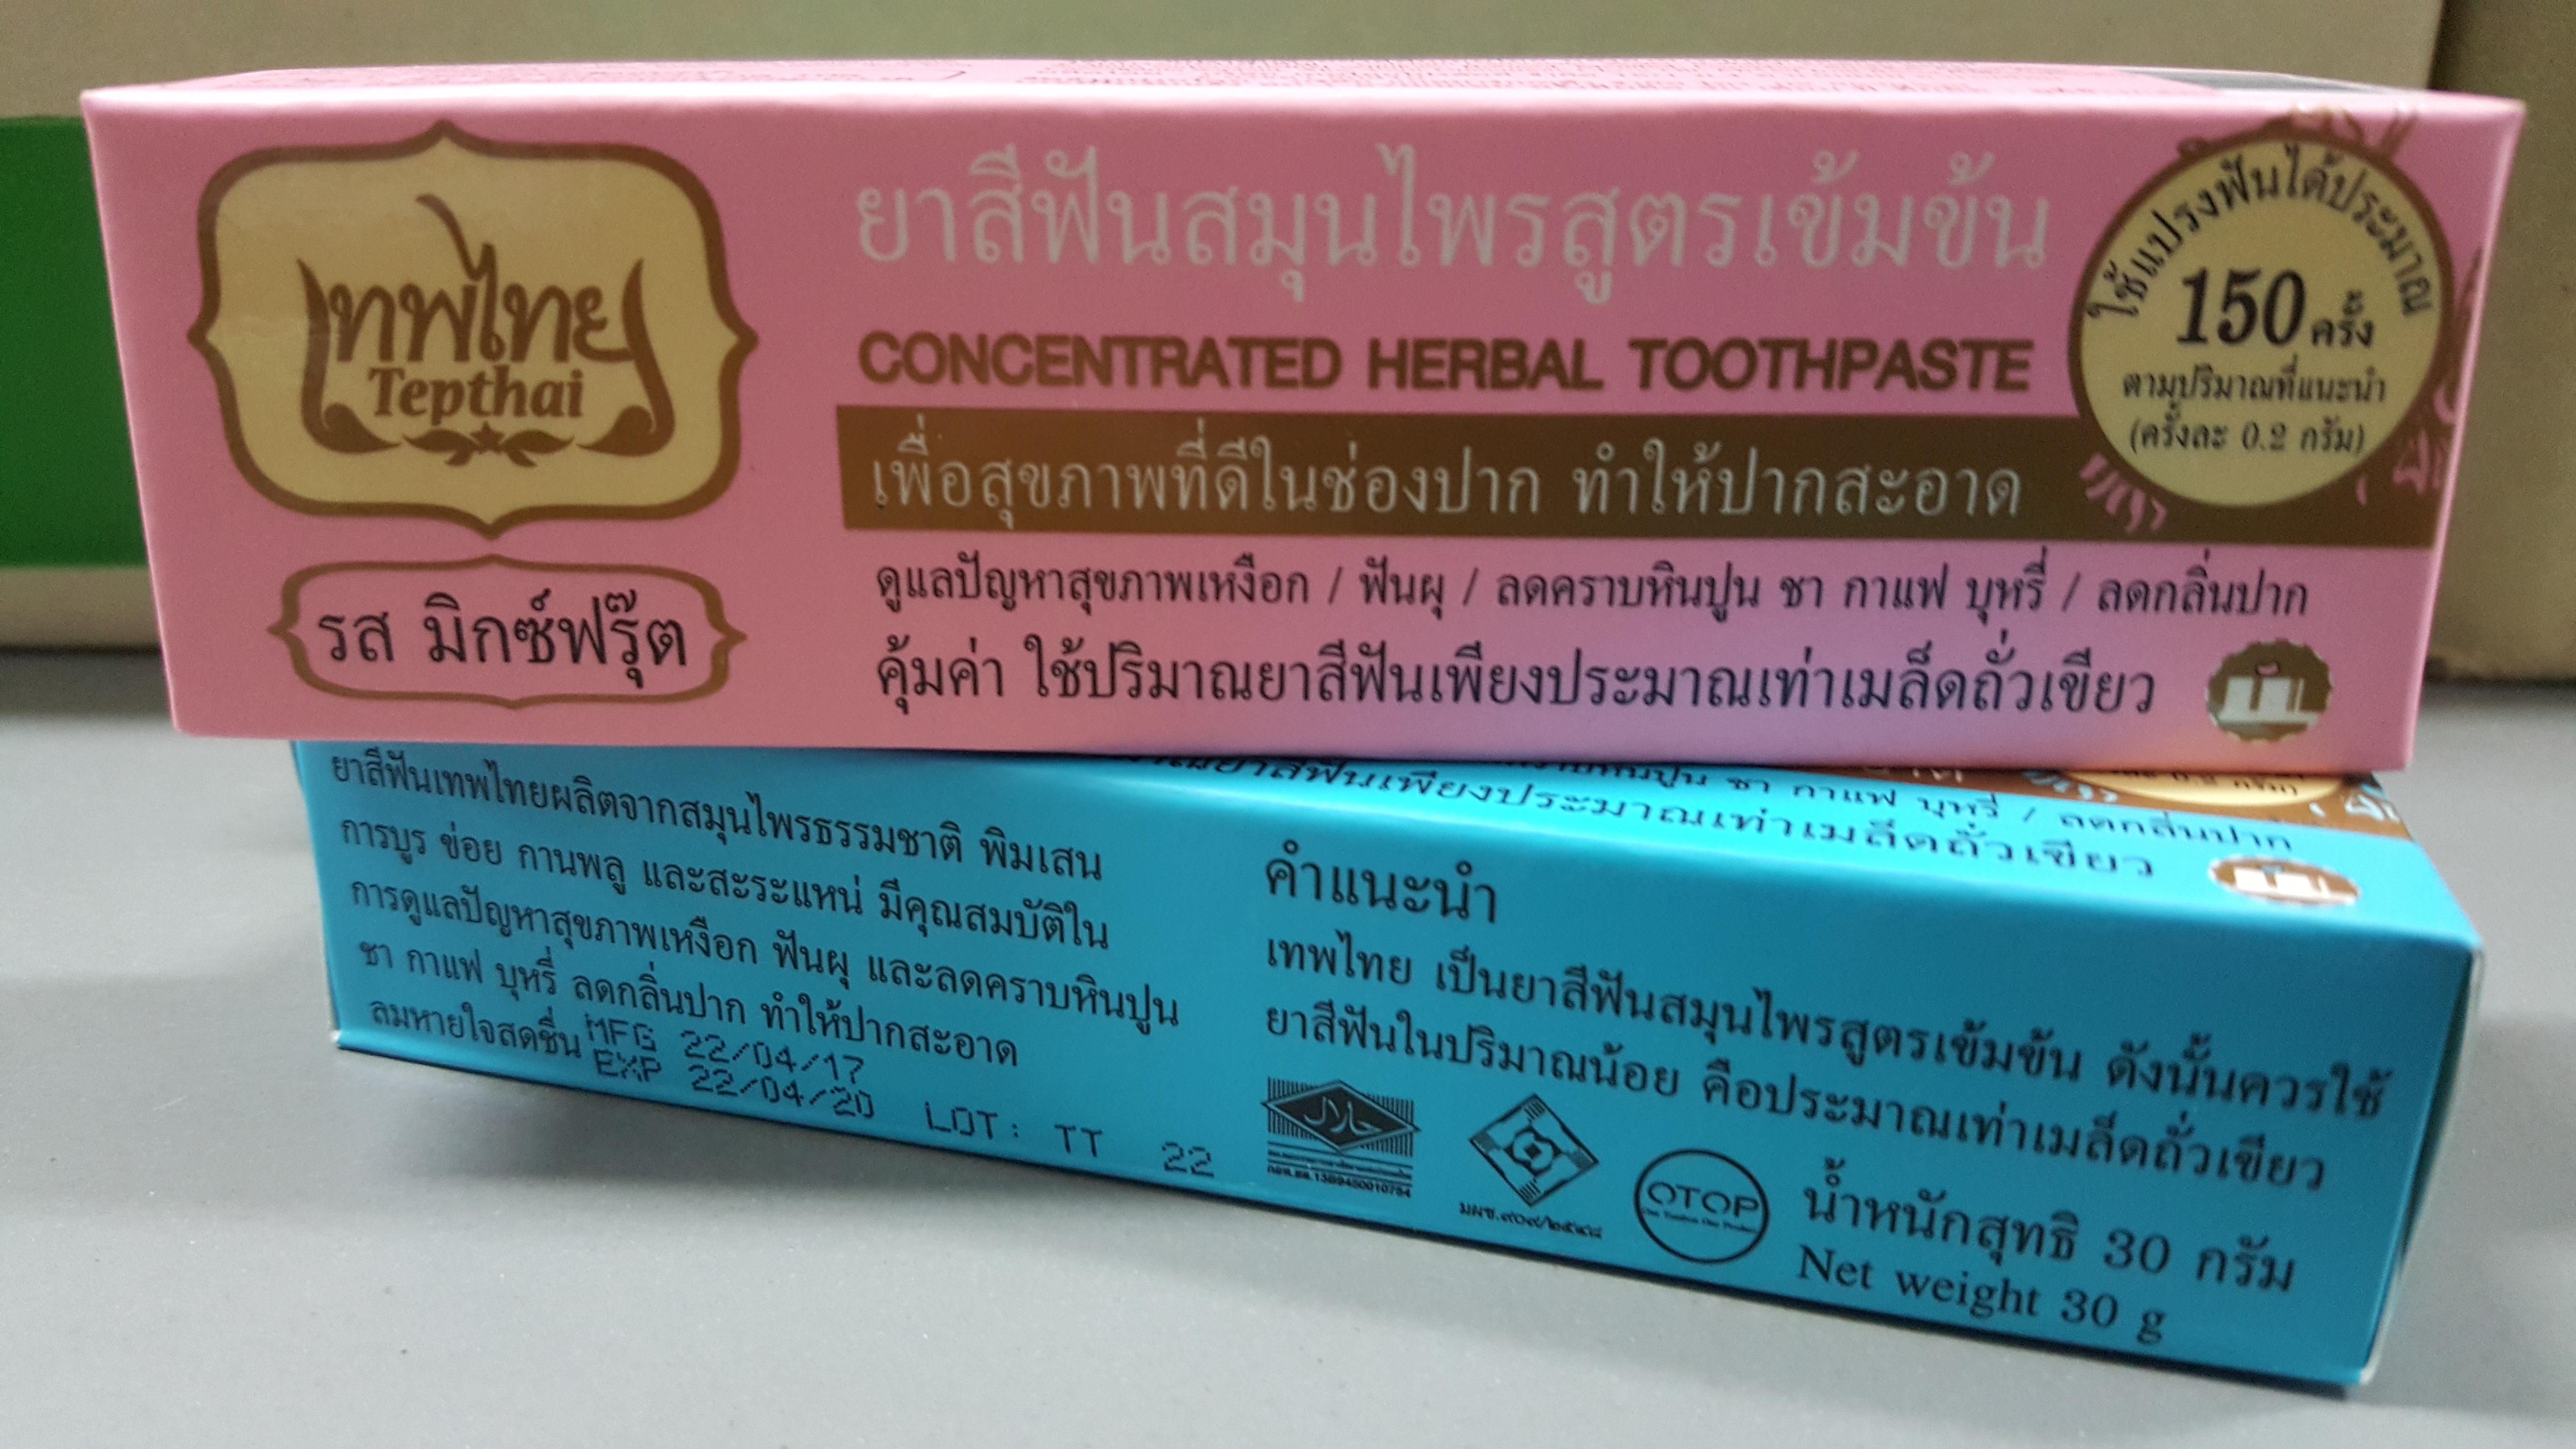 ยาสีฟันเทพไทย สูตรมิกซ์ฟรุต